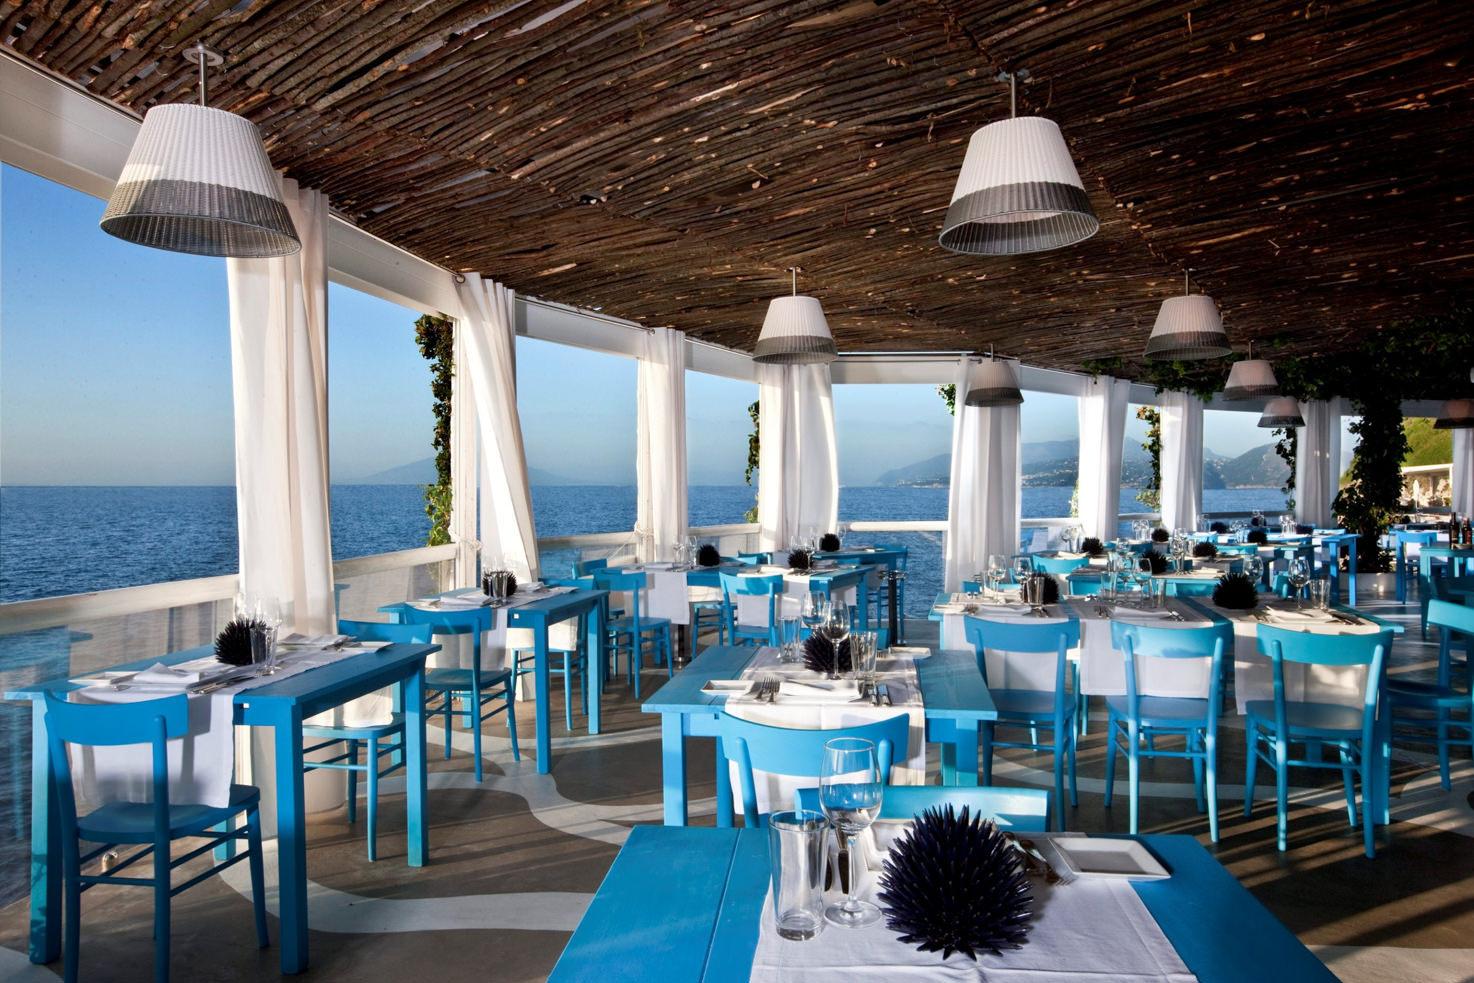 Il Riccio restaurant in Capri